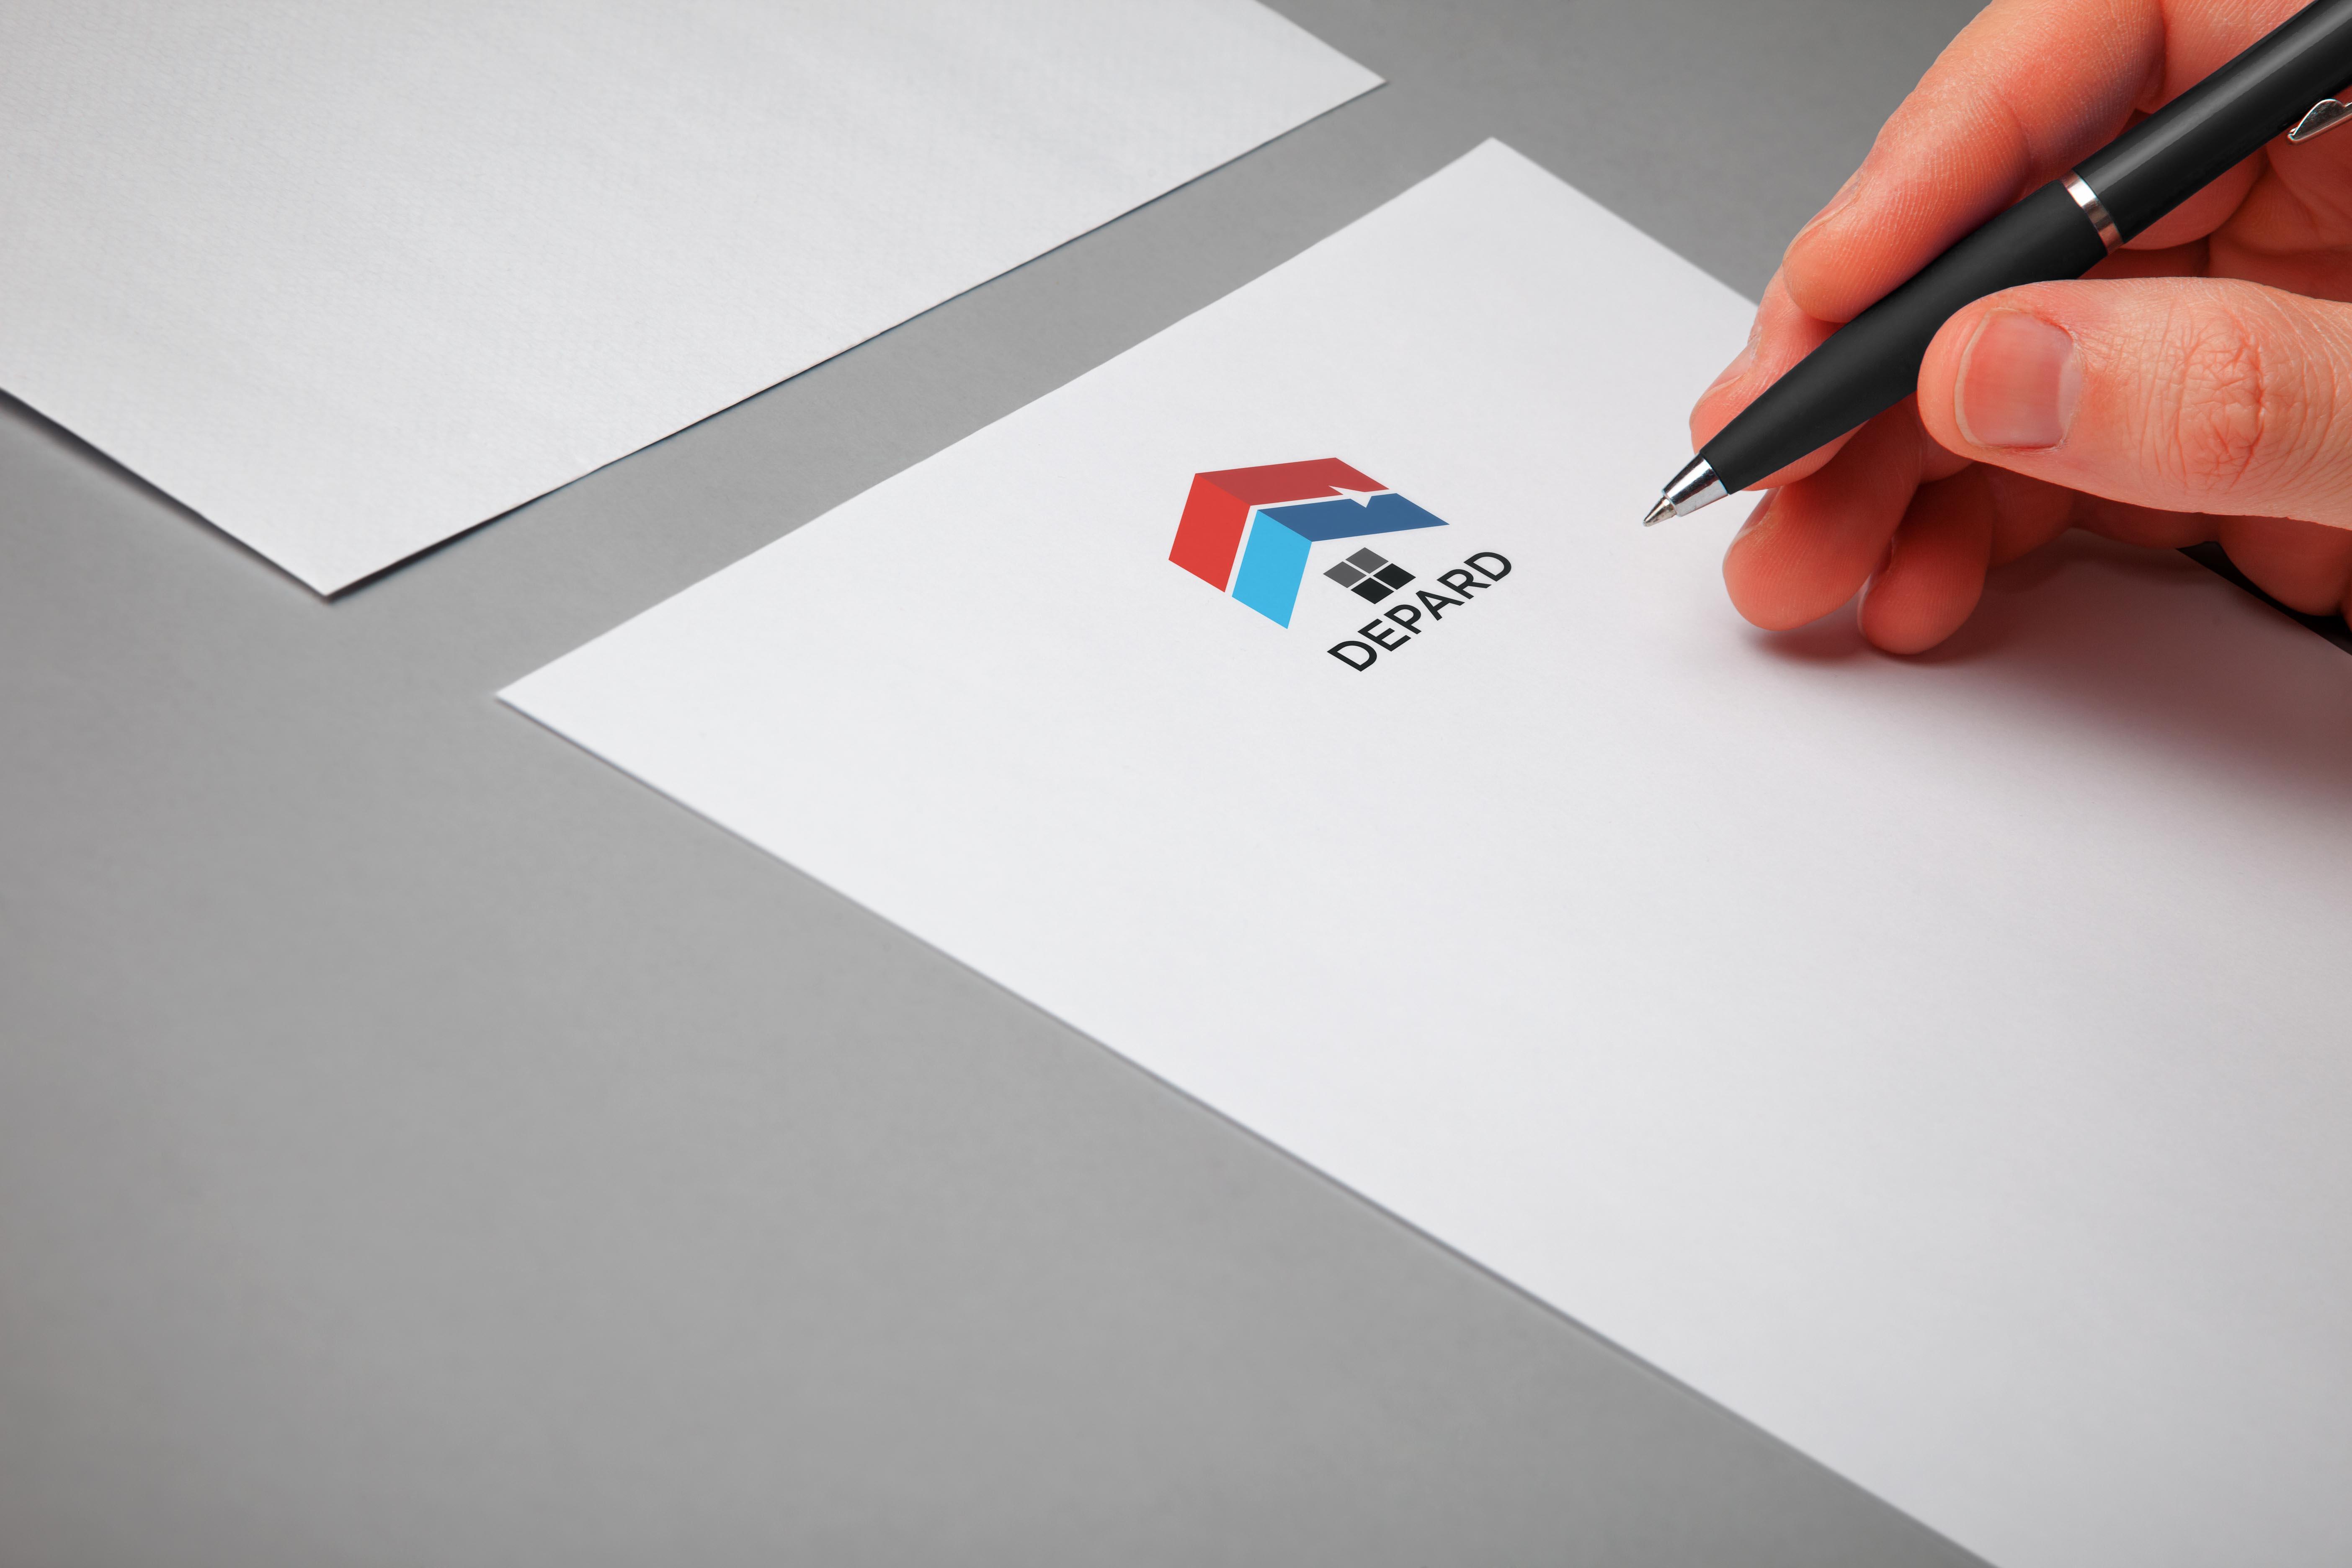 Логотип для компании (услуги недвижимость) фото f_4435935610caf4e6.jpg